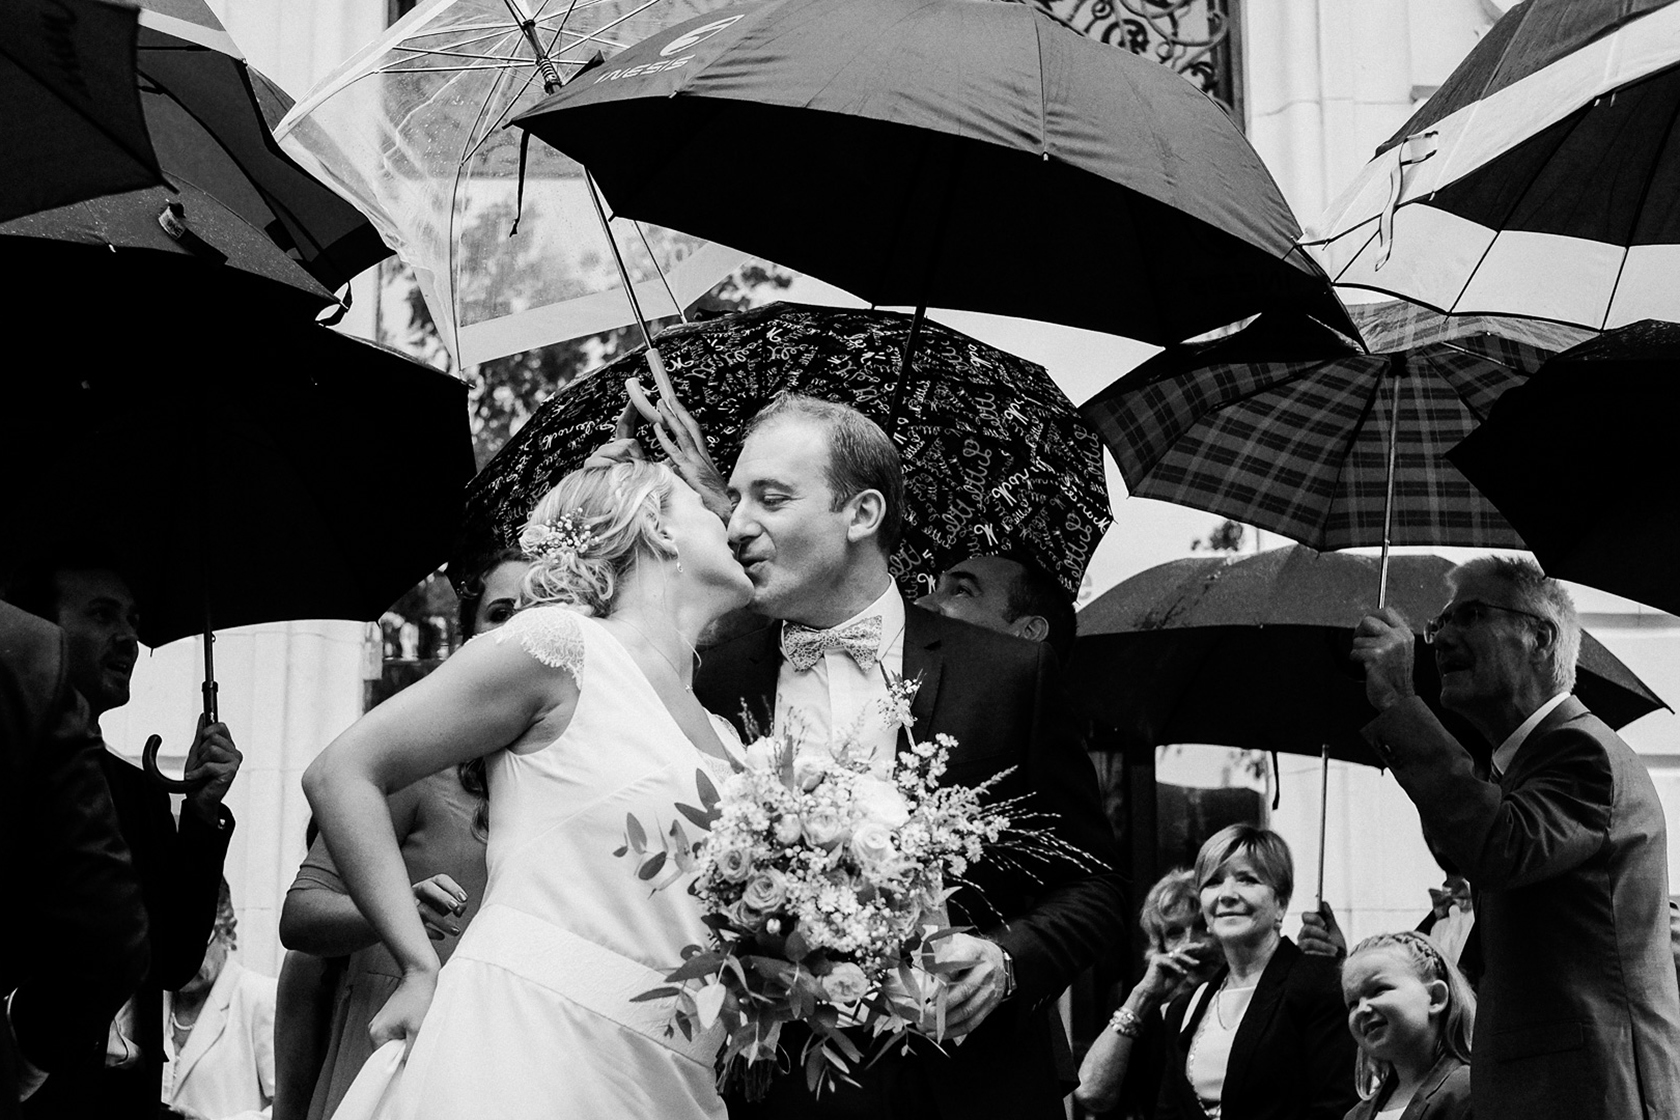 photographe-mariage-au-comptoir-saint-hilaire-de-brethmas-ales-studio-lm-575.jpg